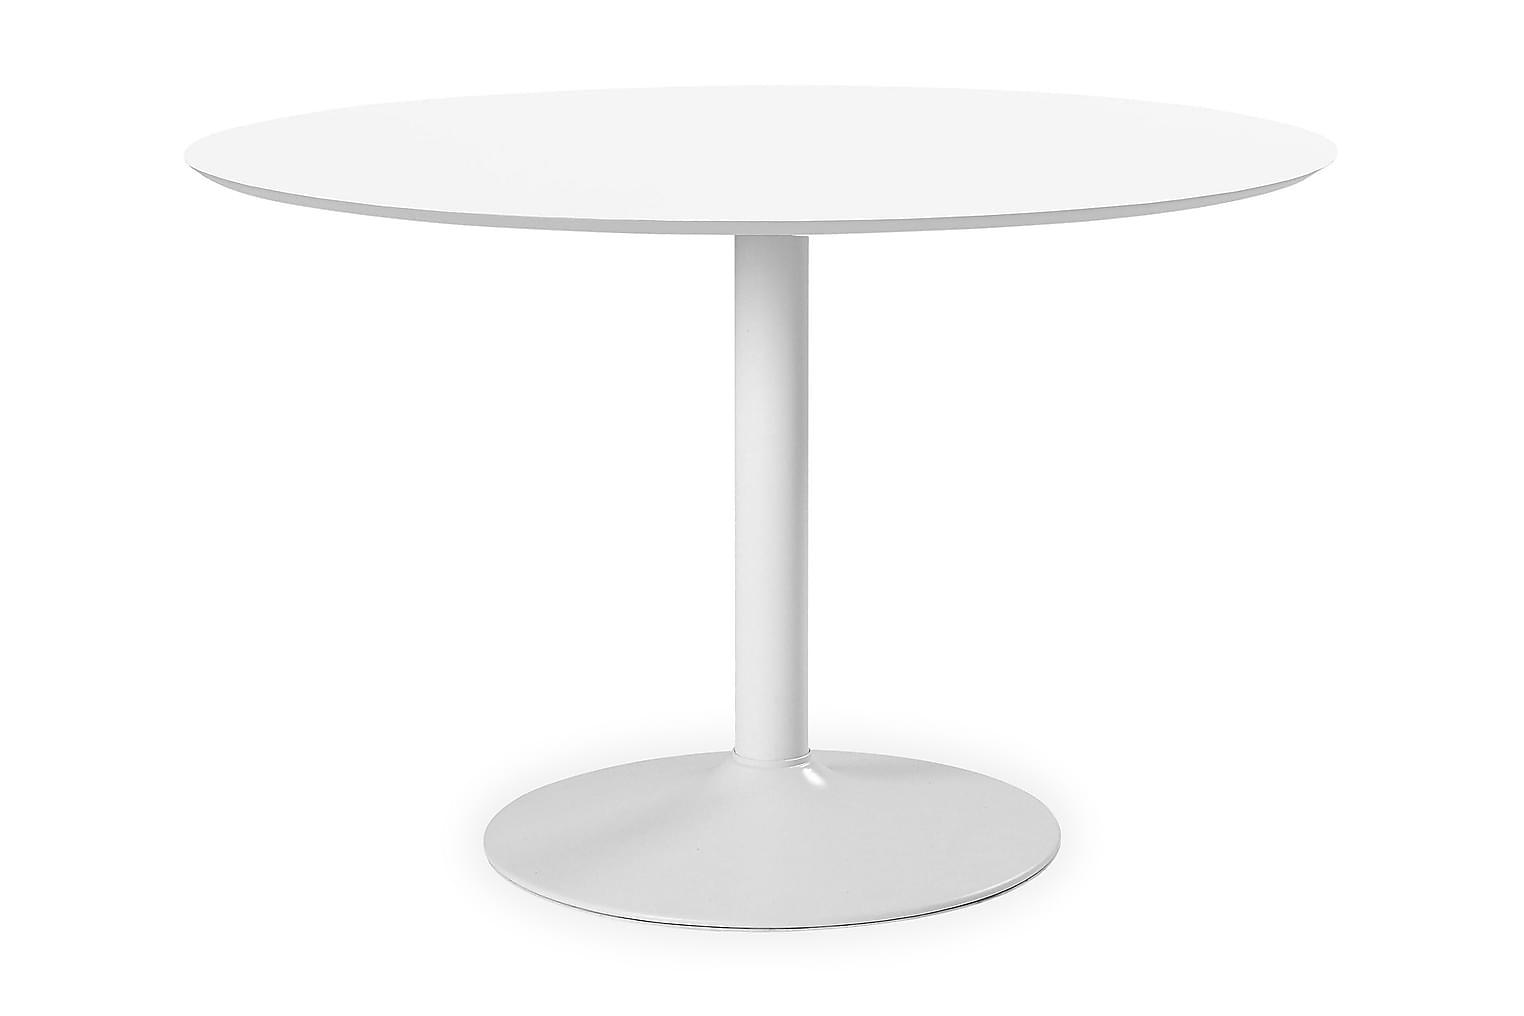 BESANO Ruokapöytä halk 110 Valkoinen